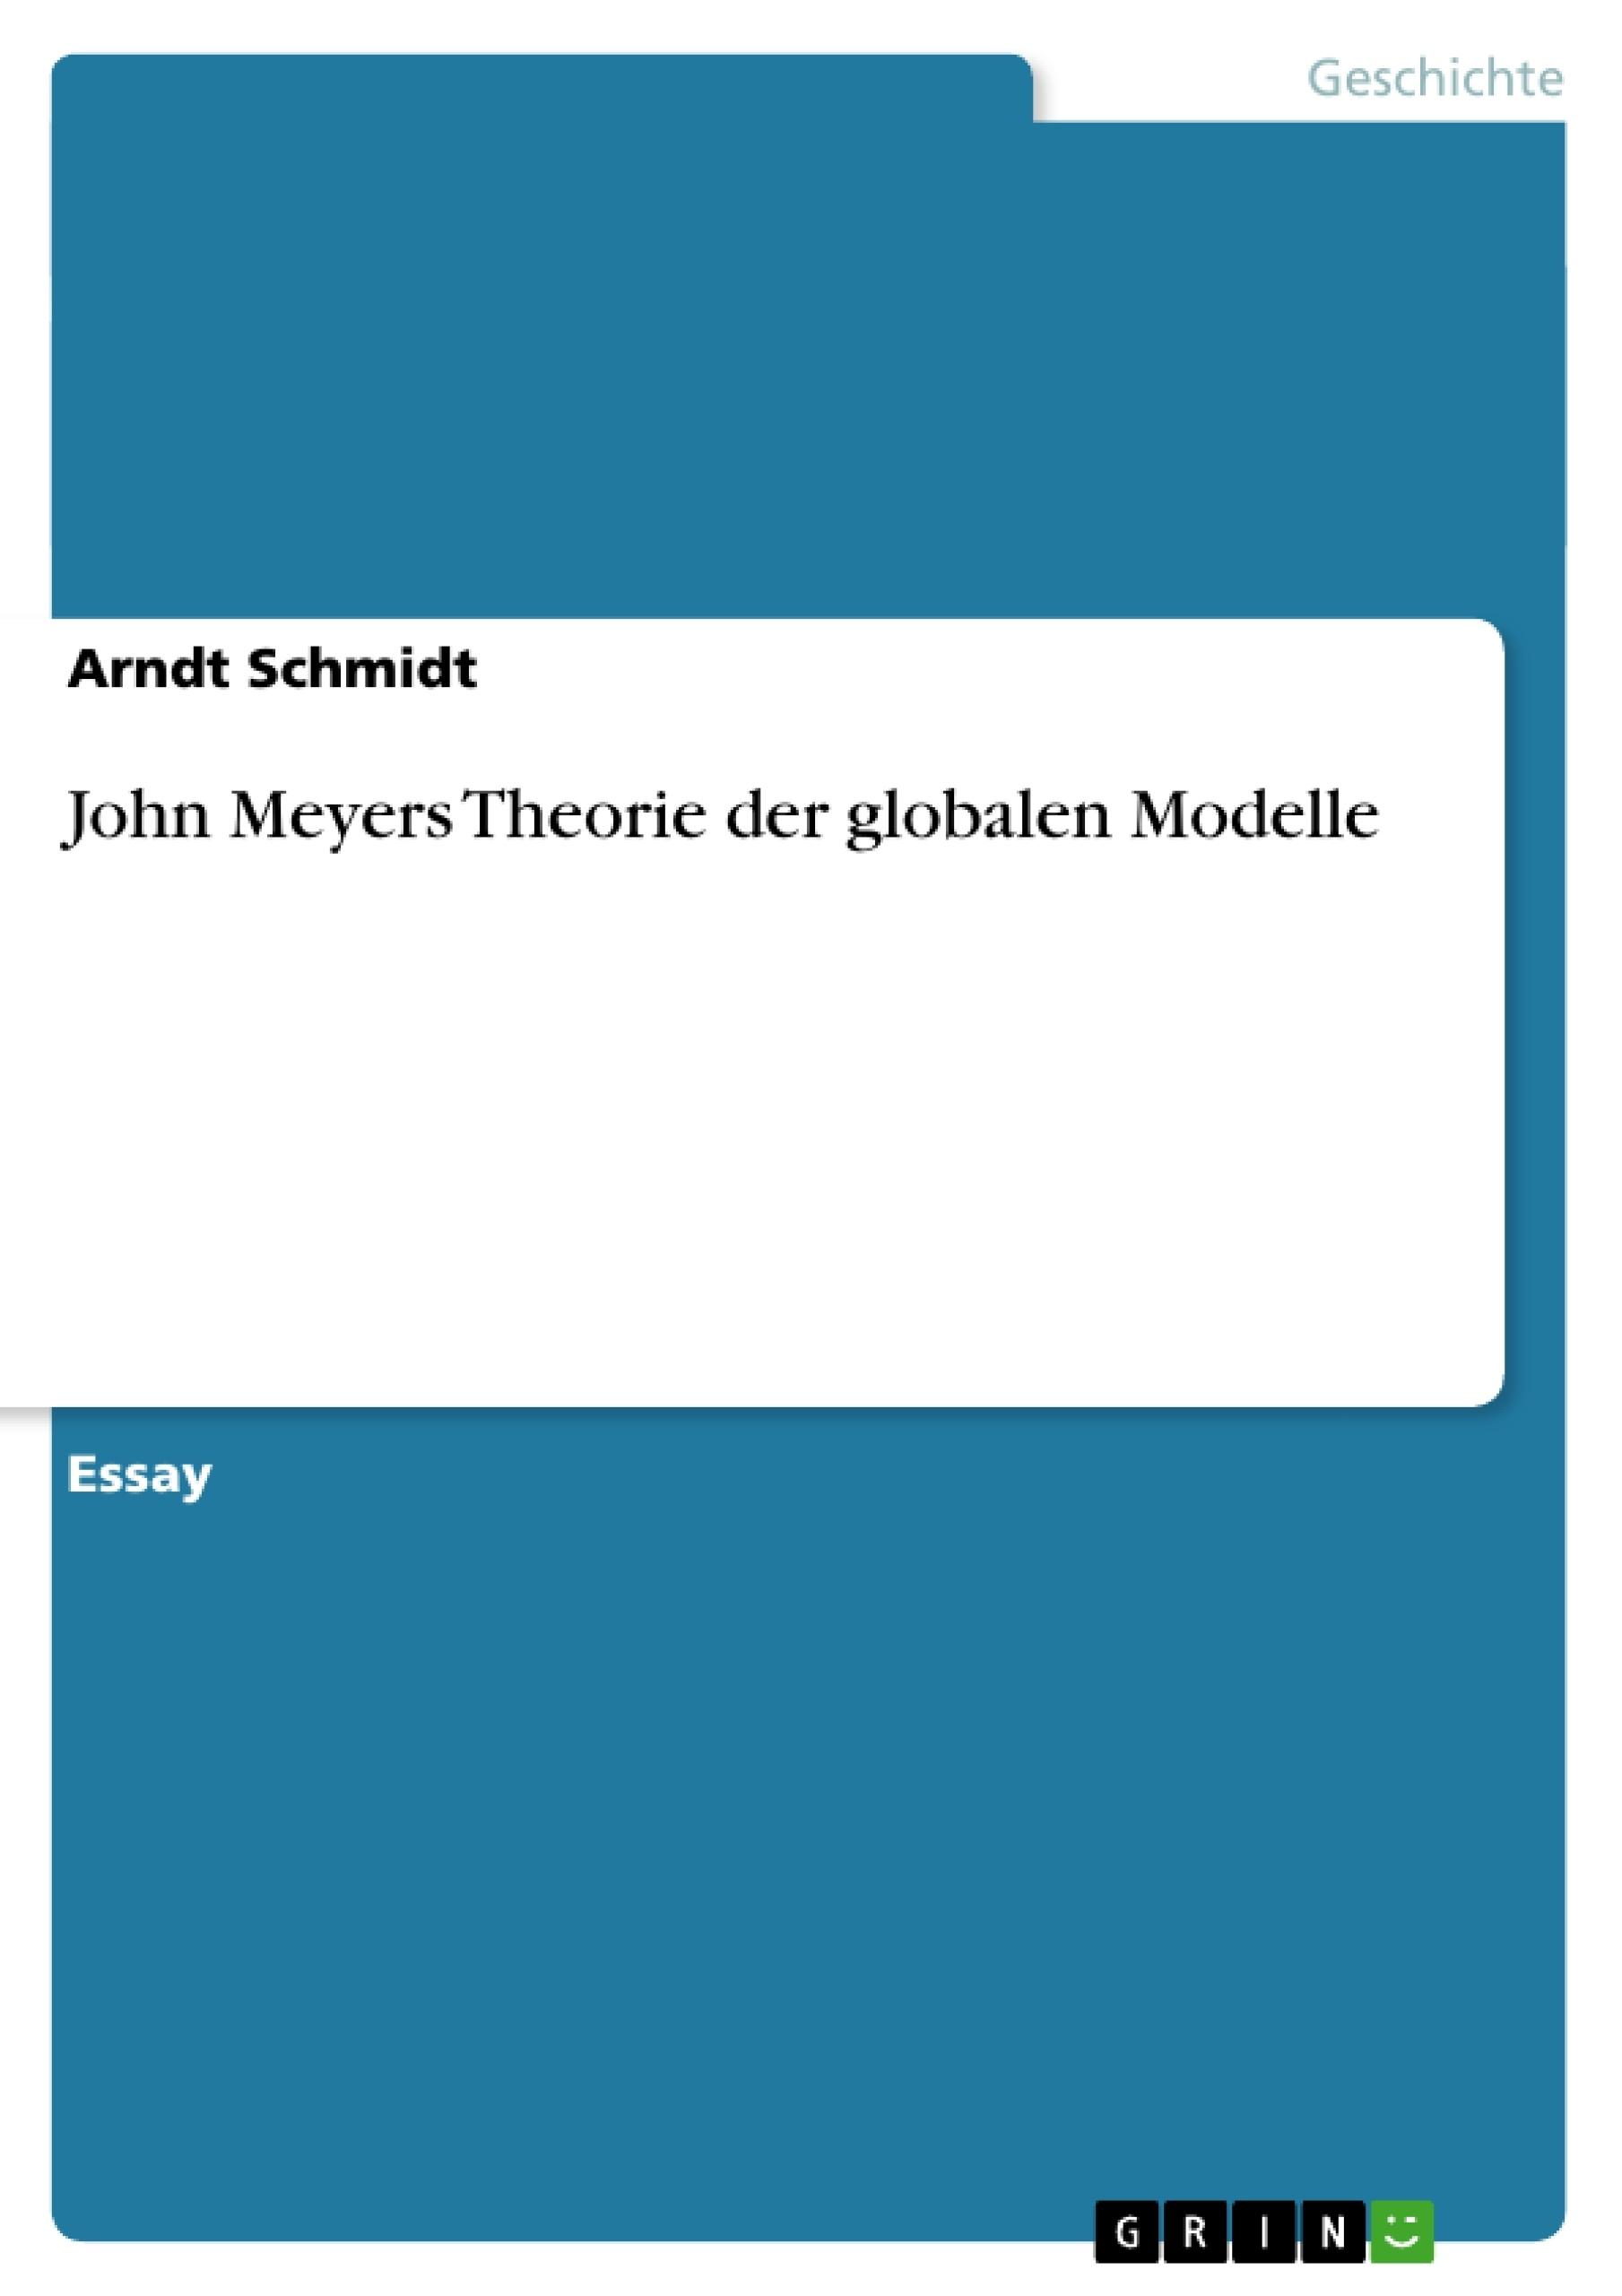 Titel: John Meyers Theorie der globalen Modelle